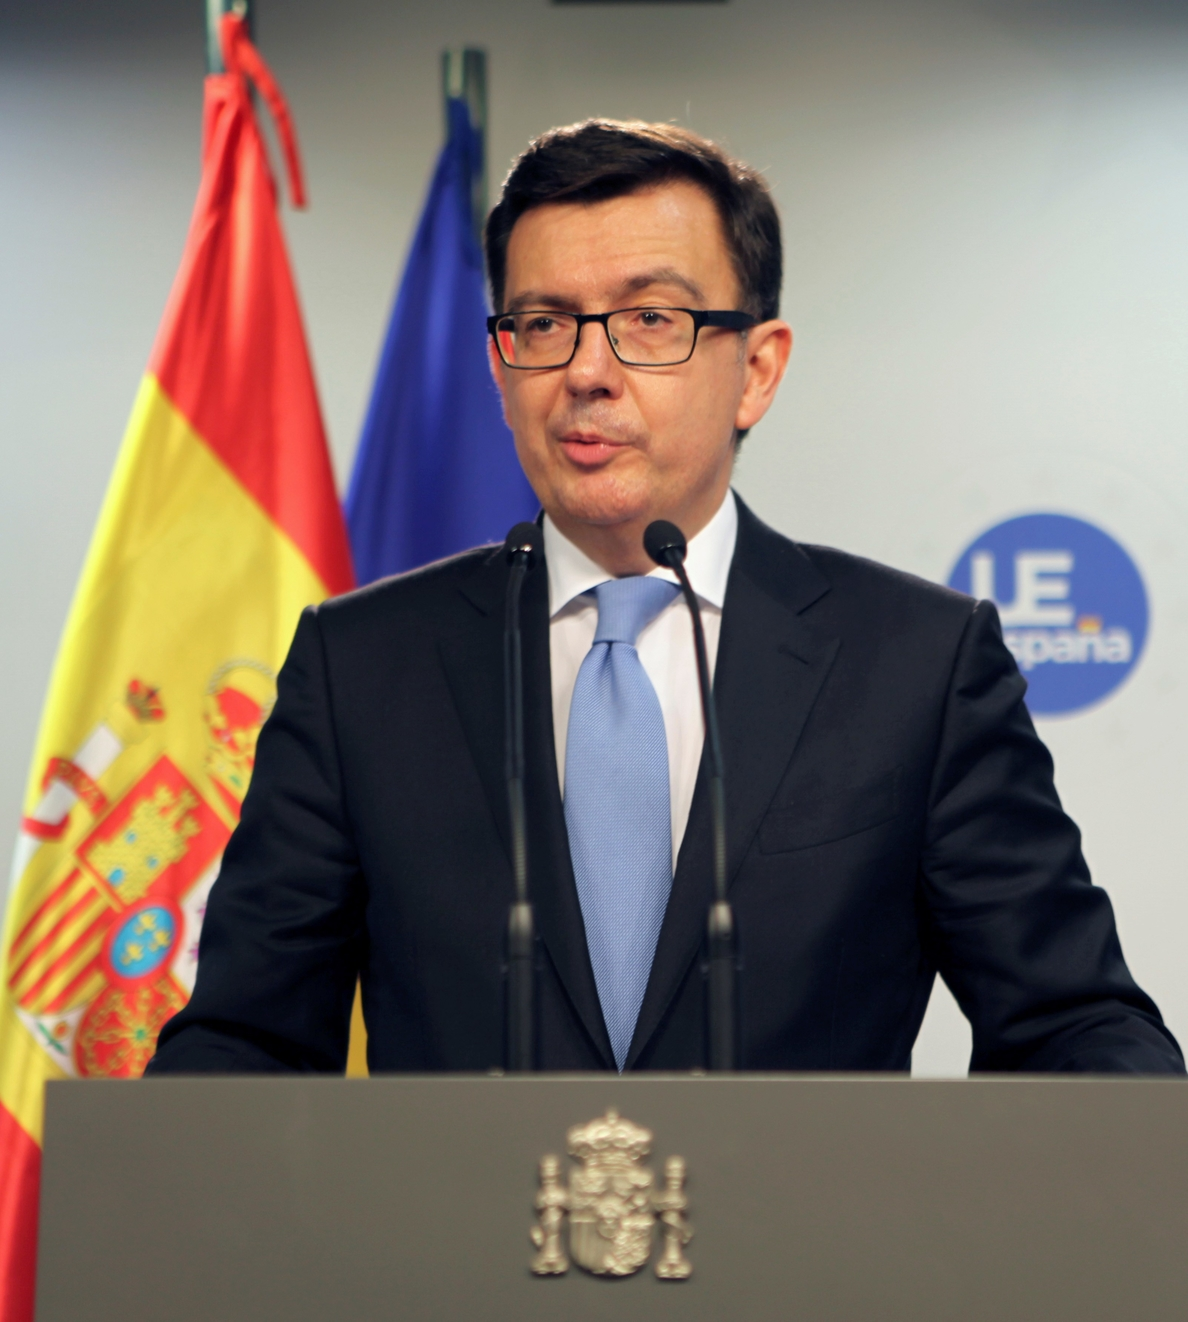 La UE acuerda las normas para evitar que los asesores fiscales ayuden a evadir impuestos